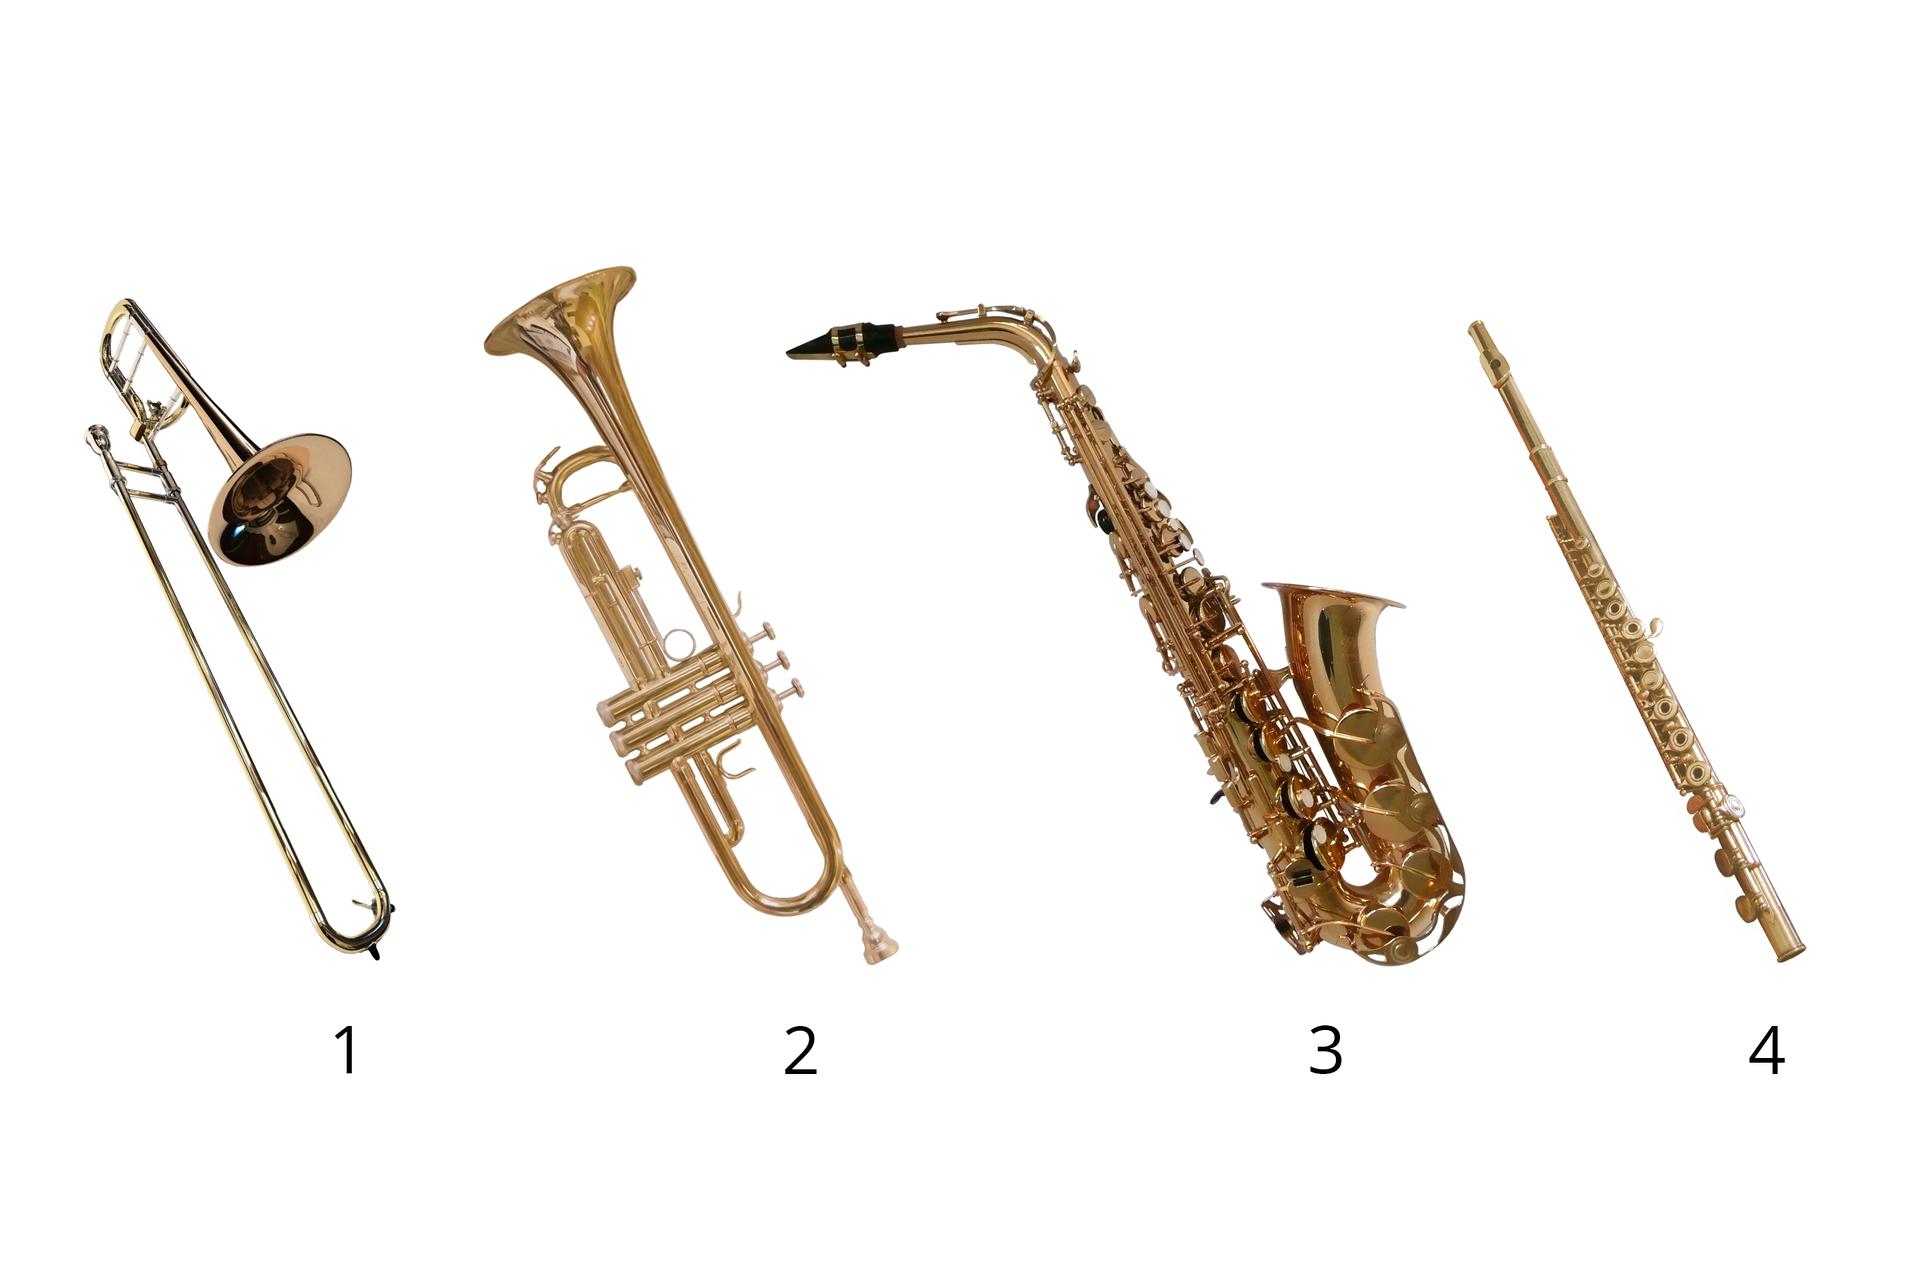 Ilustracja składająca się zczterech zdjęć przedstawiających instrumenty wykonane zmosiądzu, ponumerowane od lewej strony. Numer 1 to puzon, numer 2 to trąbka, anumer 3 to saksofon. Numer 4 to flet altowy wykonany zmosiądzu złotego.